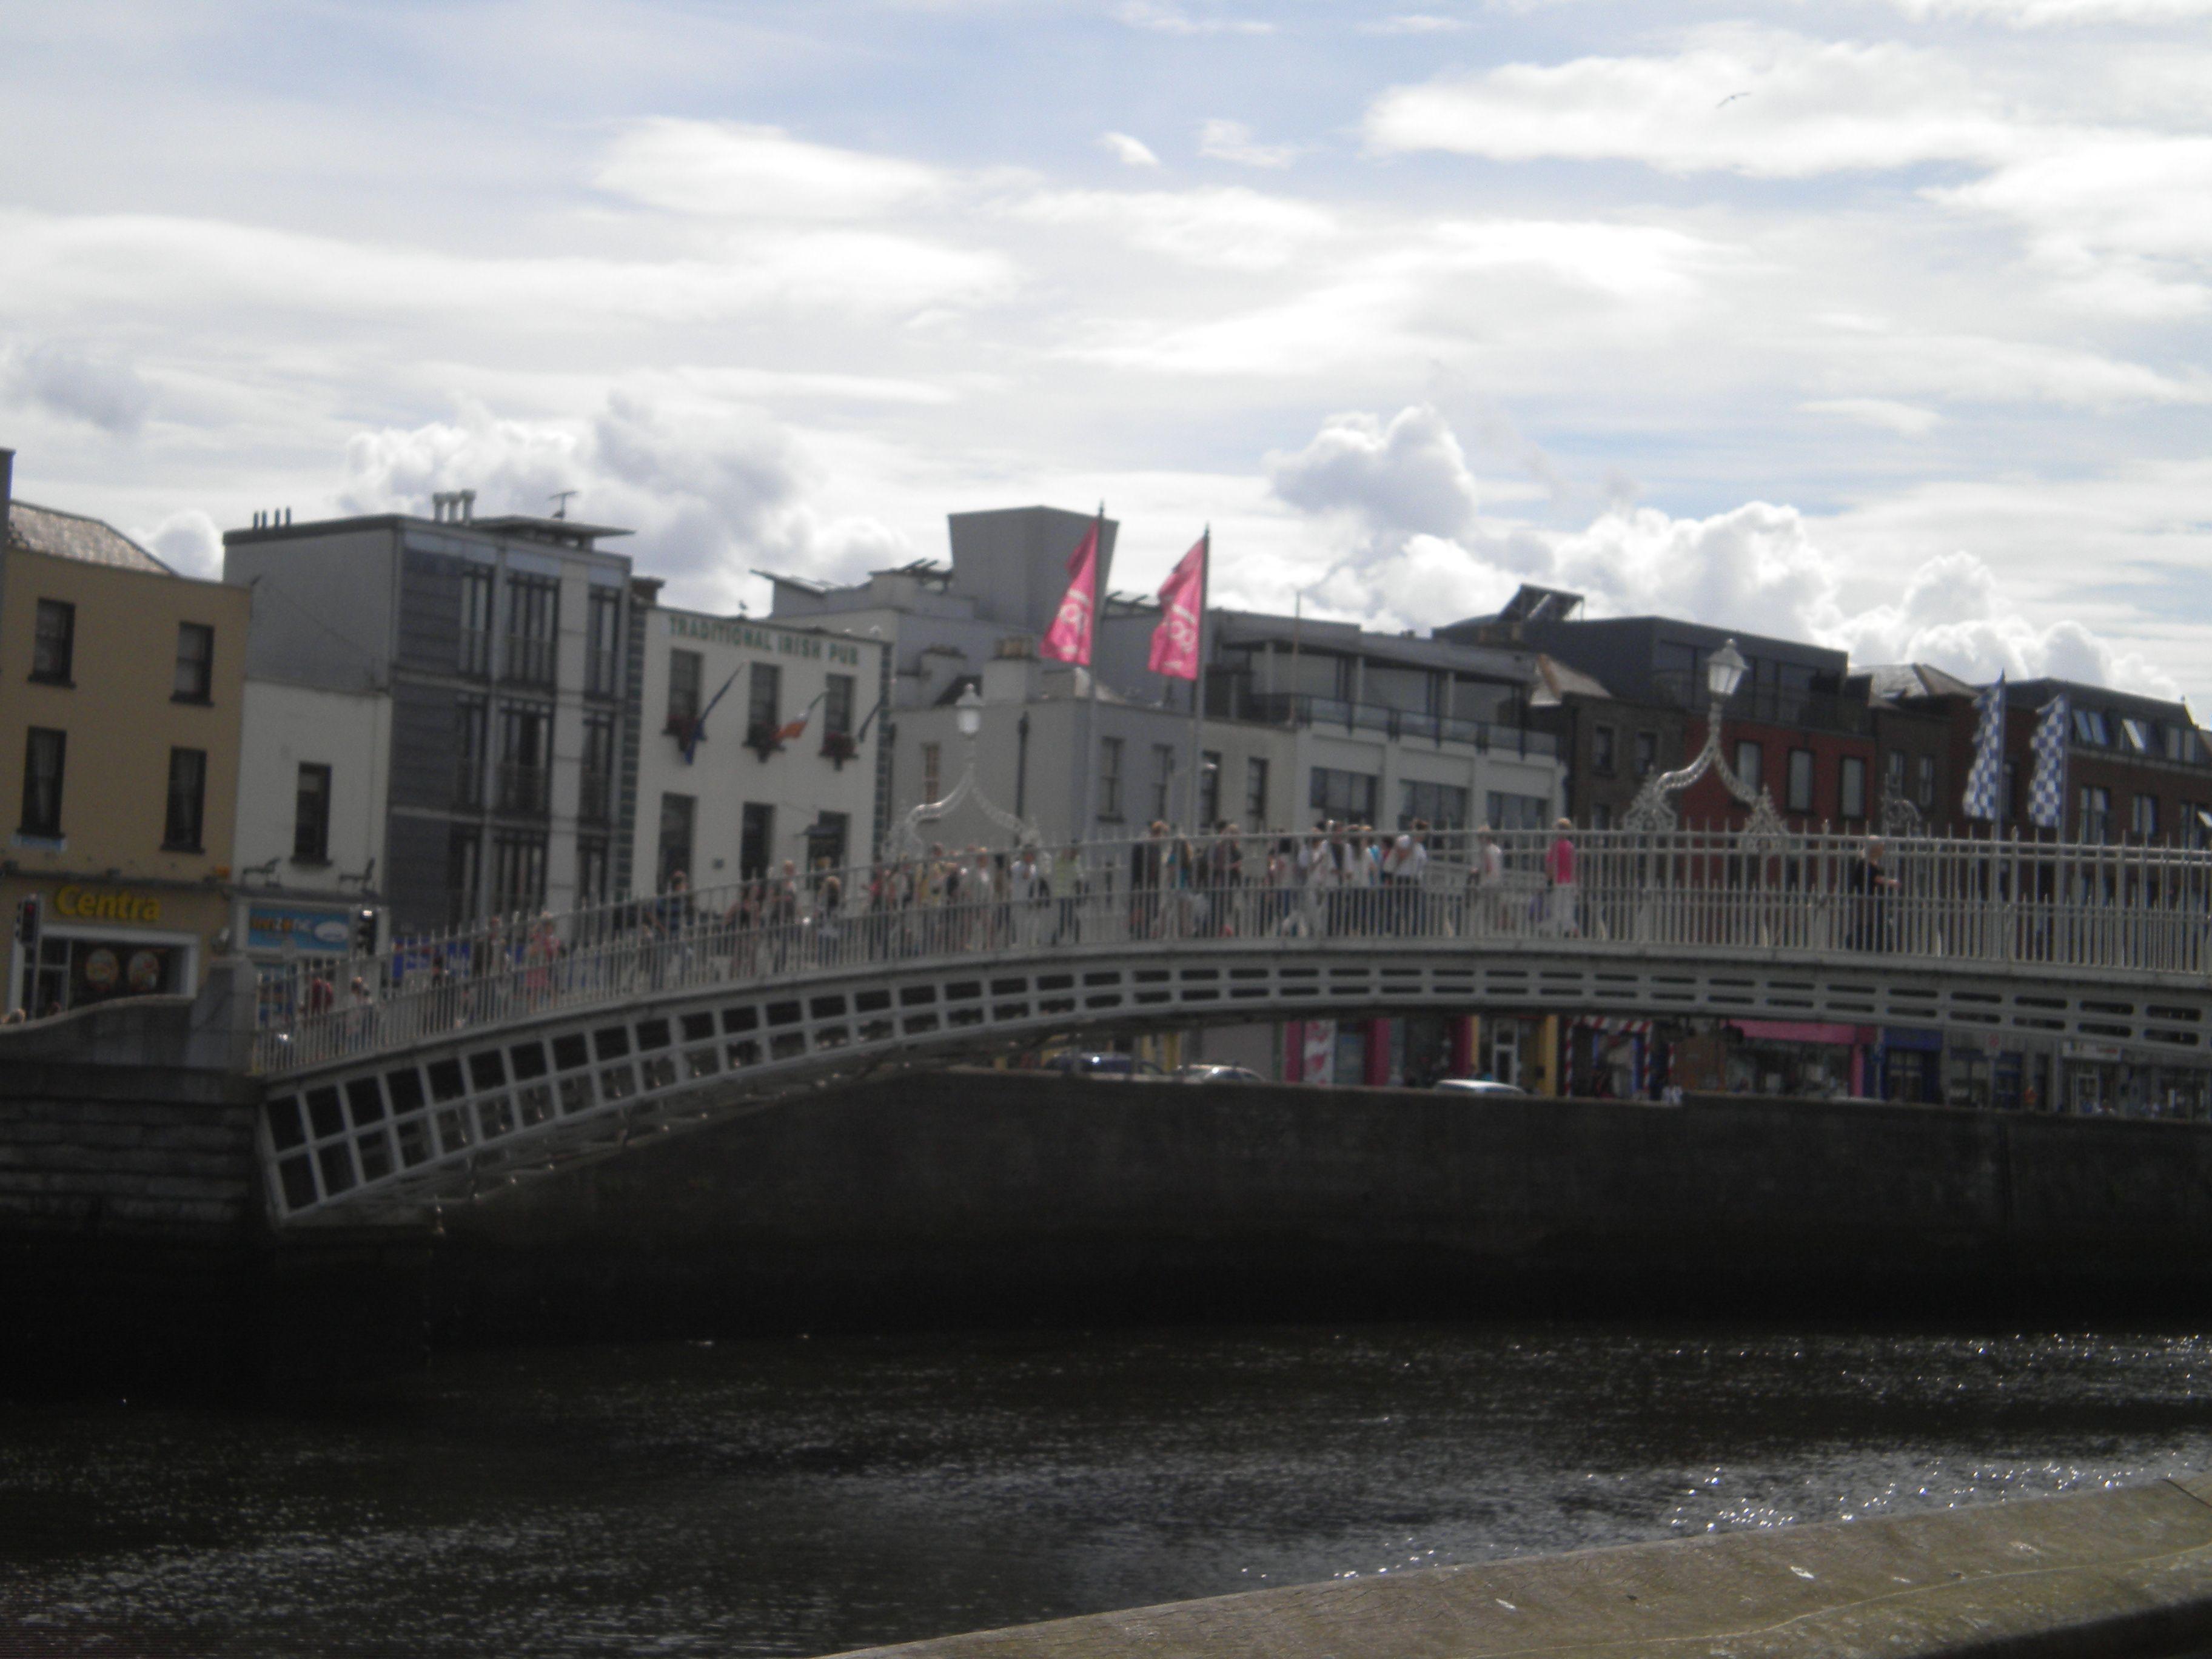 O'Connelly Bridge, Dublin Ireland